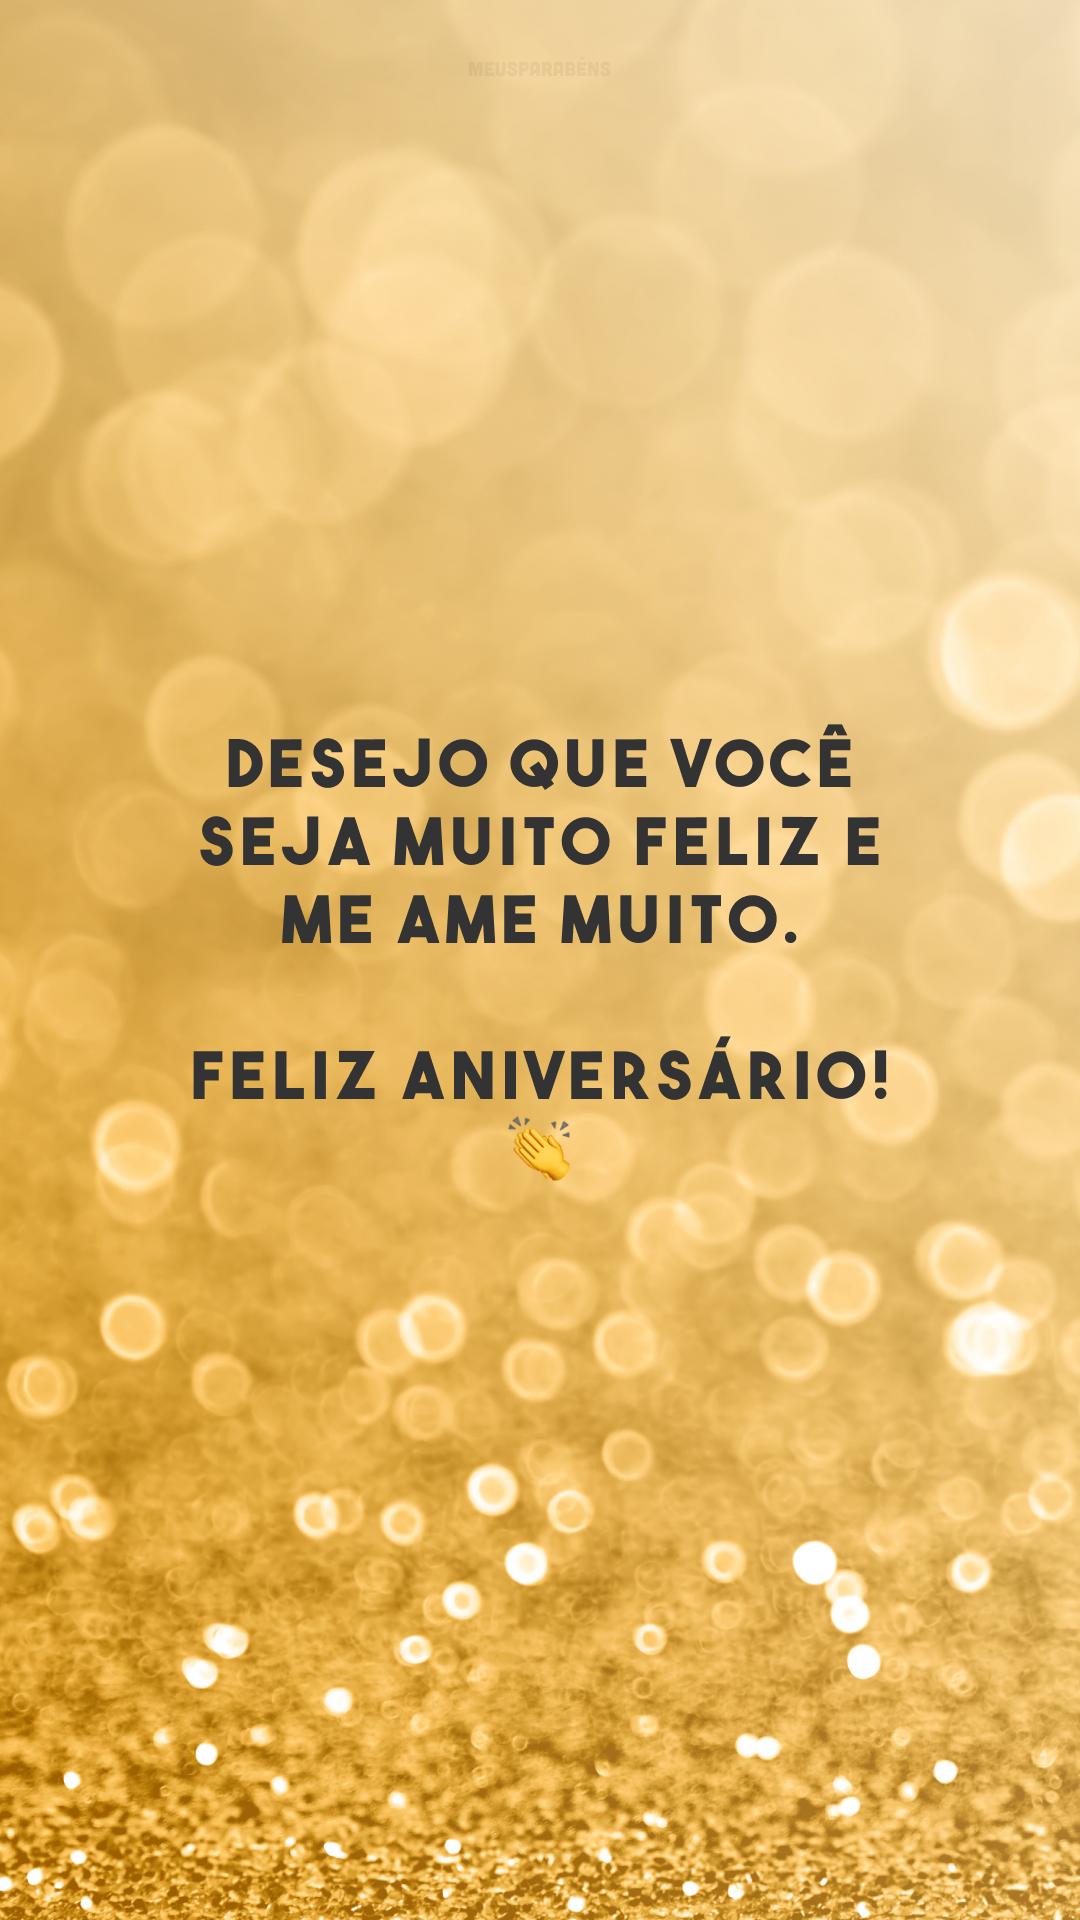 Desejo que você seja muito feliz e me ame muito. Feliz aniversário! 👏